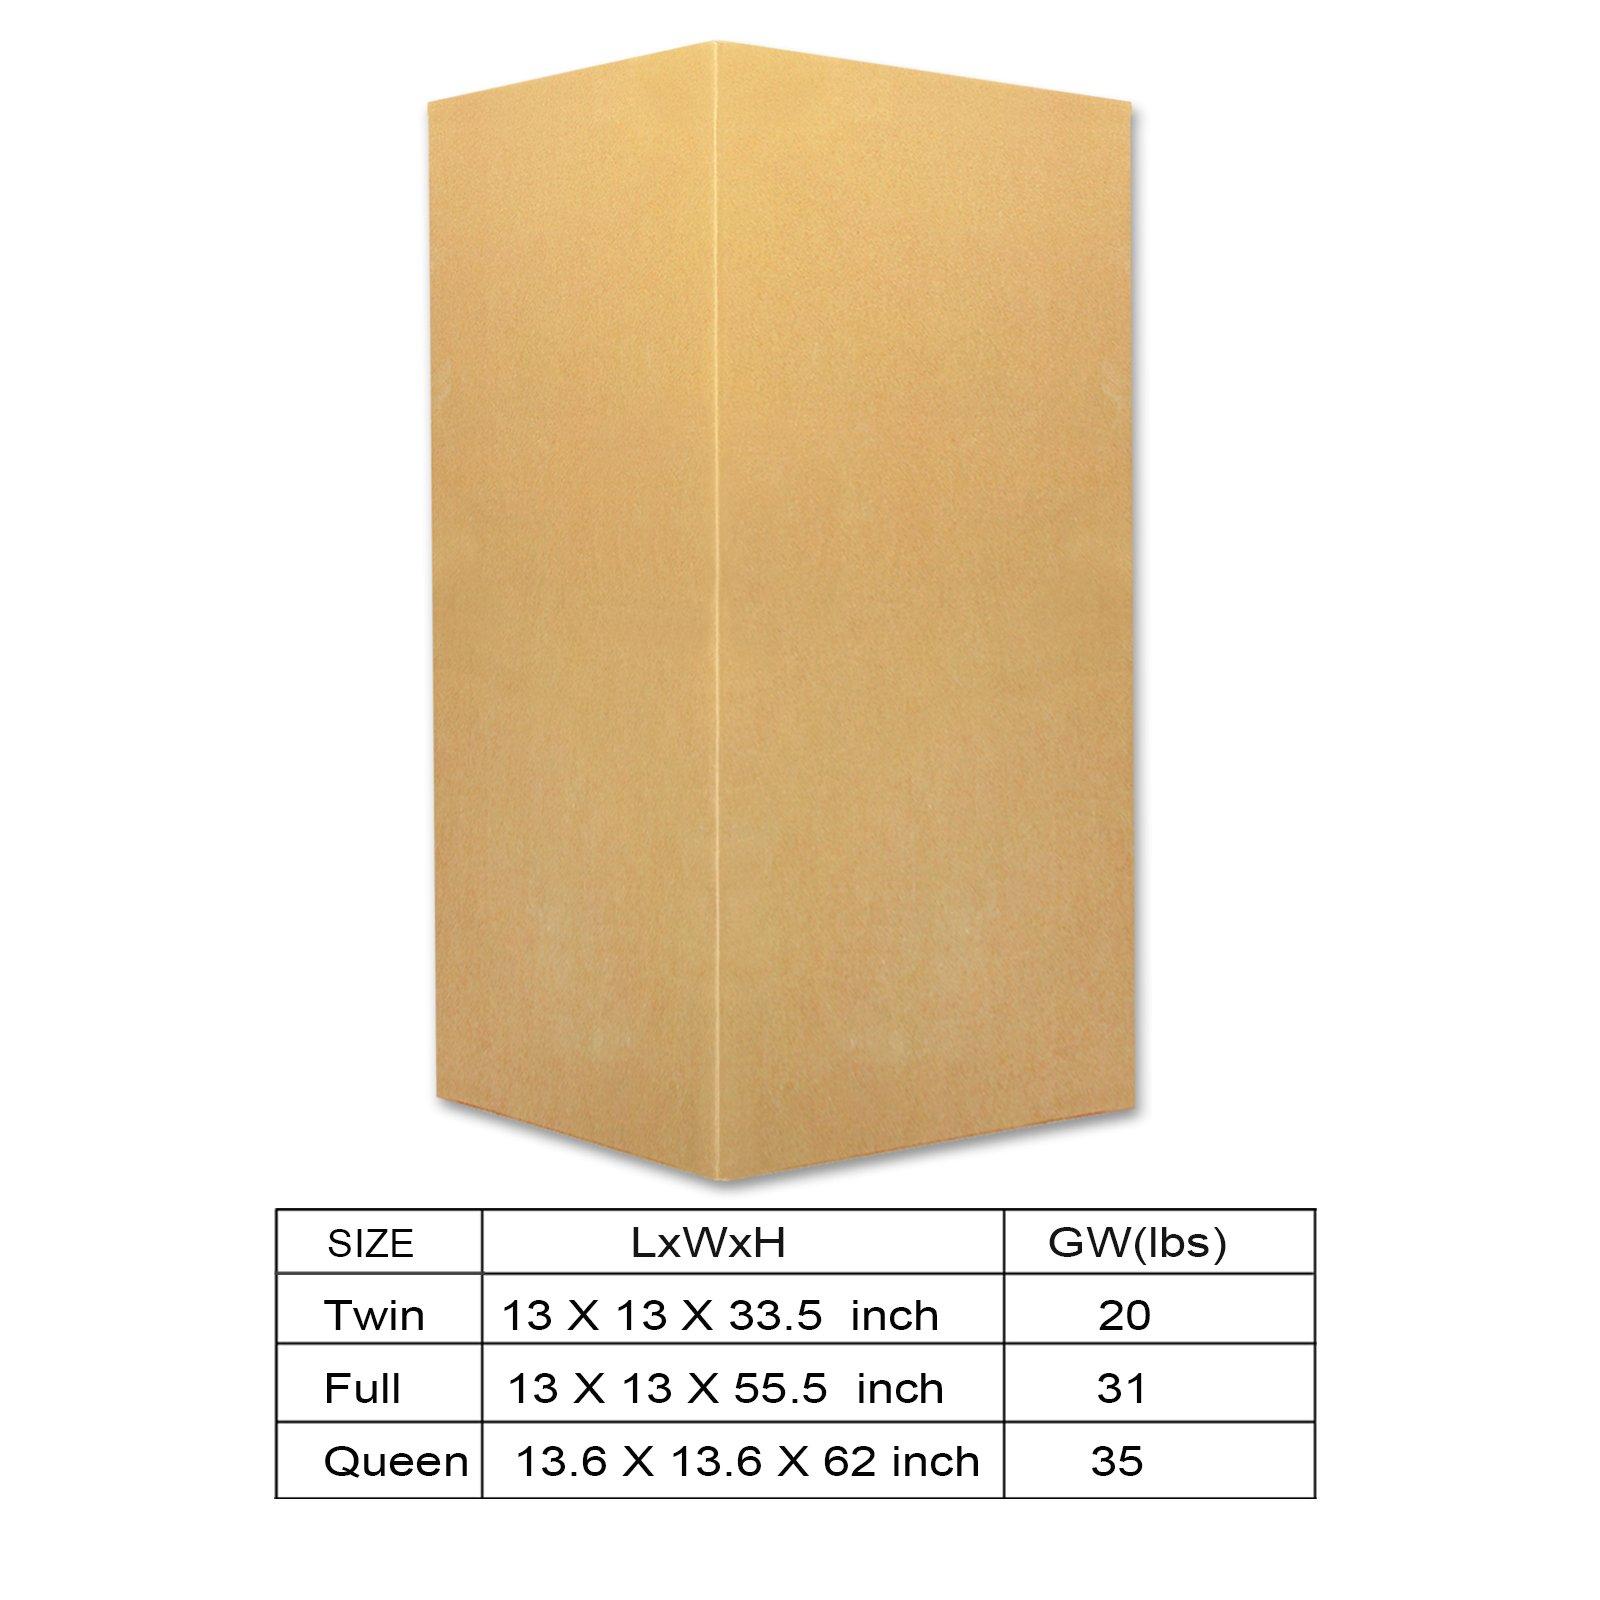 Zinus Cool Gel Memory Foam 5 Inch Sleeper Sofa Mattress, Replacement Sofa Bed Mattress, Queen